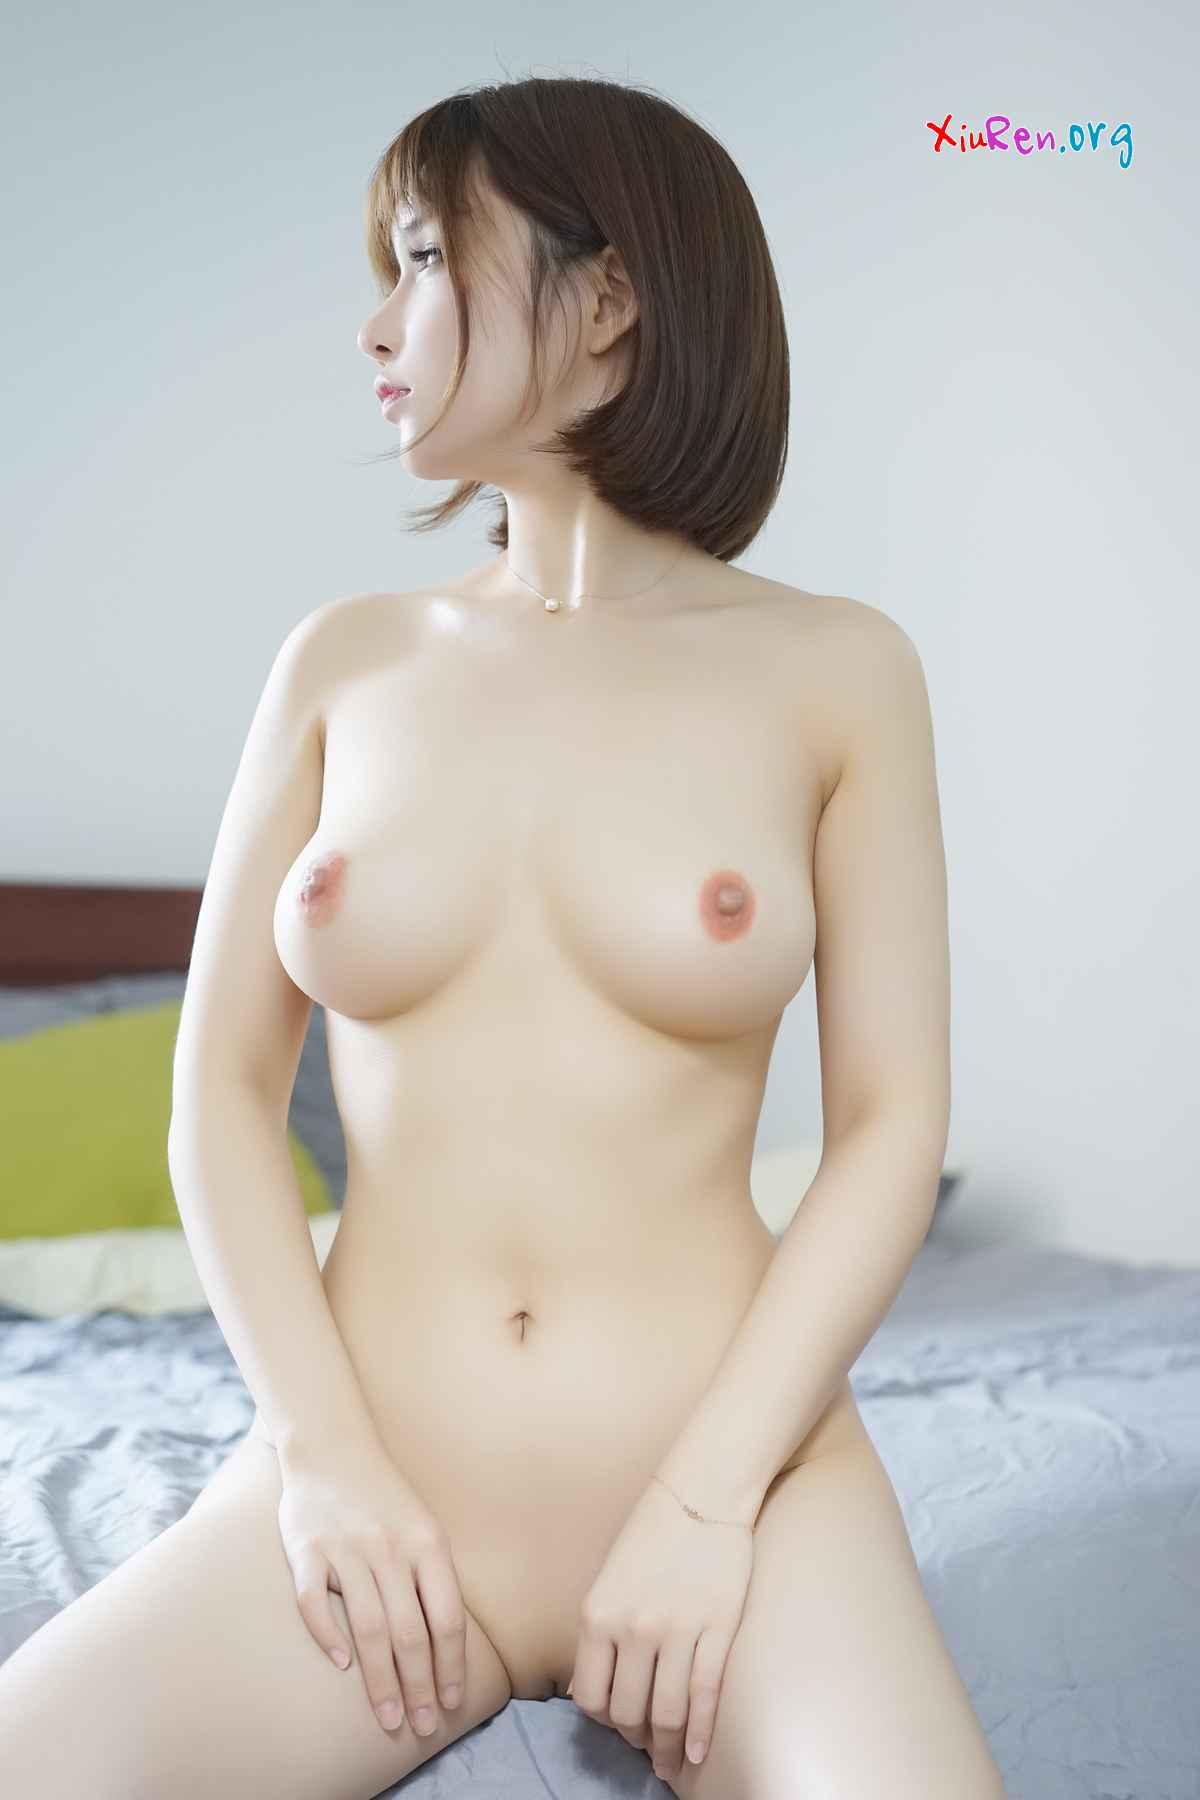 peshawar girl naked pic